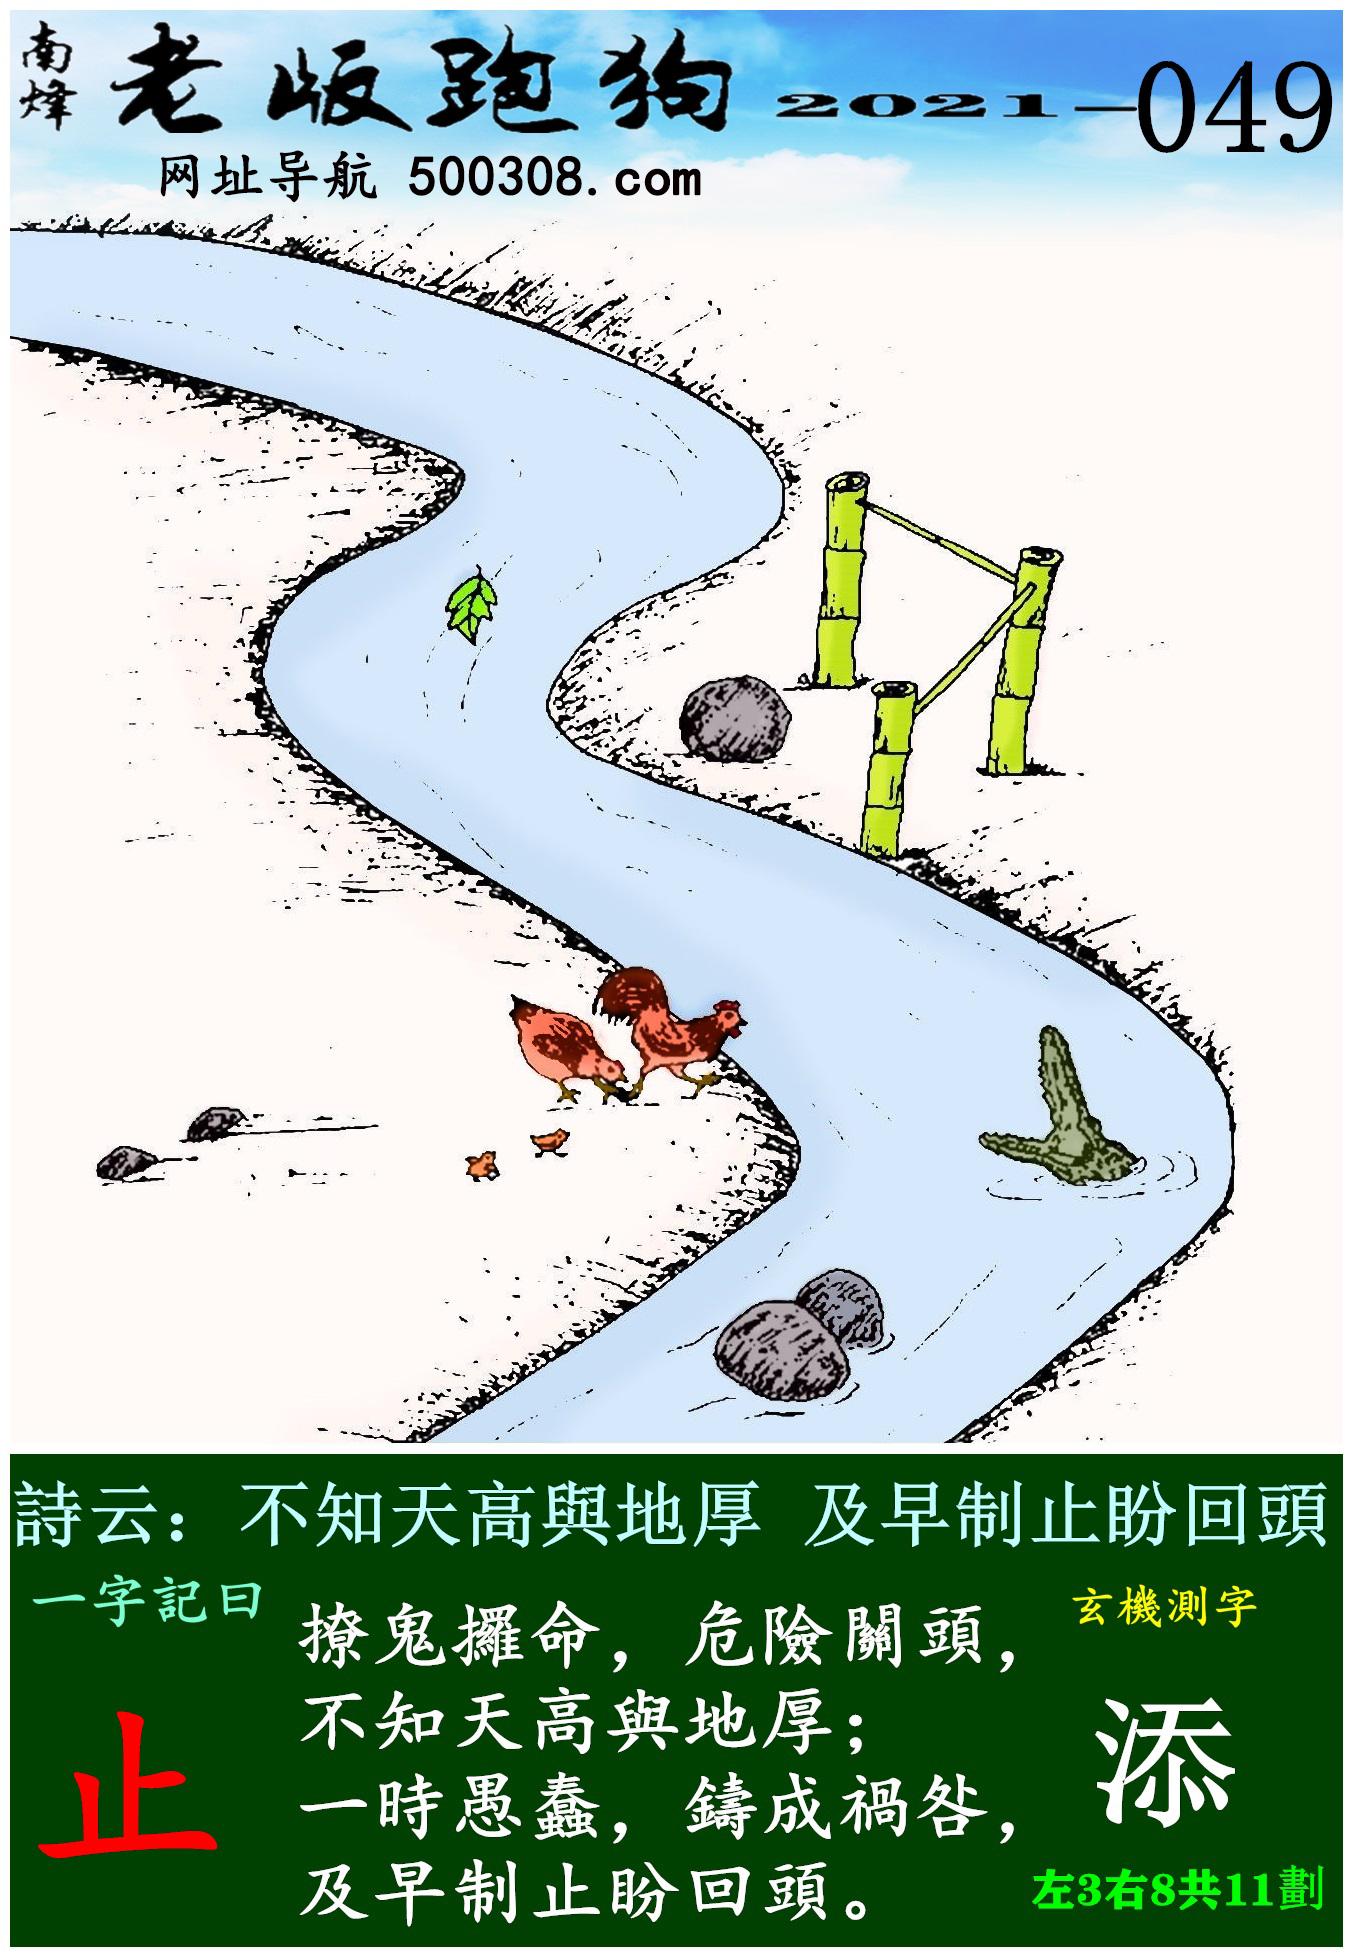 049期老版跑狗一字�之曰:【止】 ��:不知天高�c地厚,及早制止盼回�^。